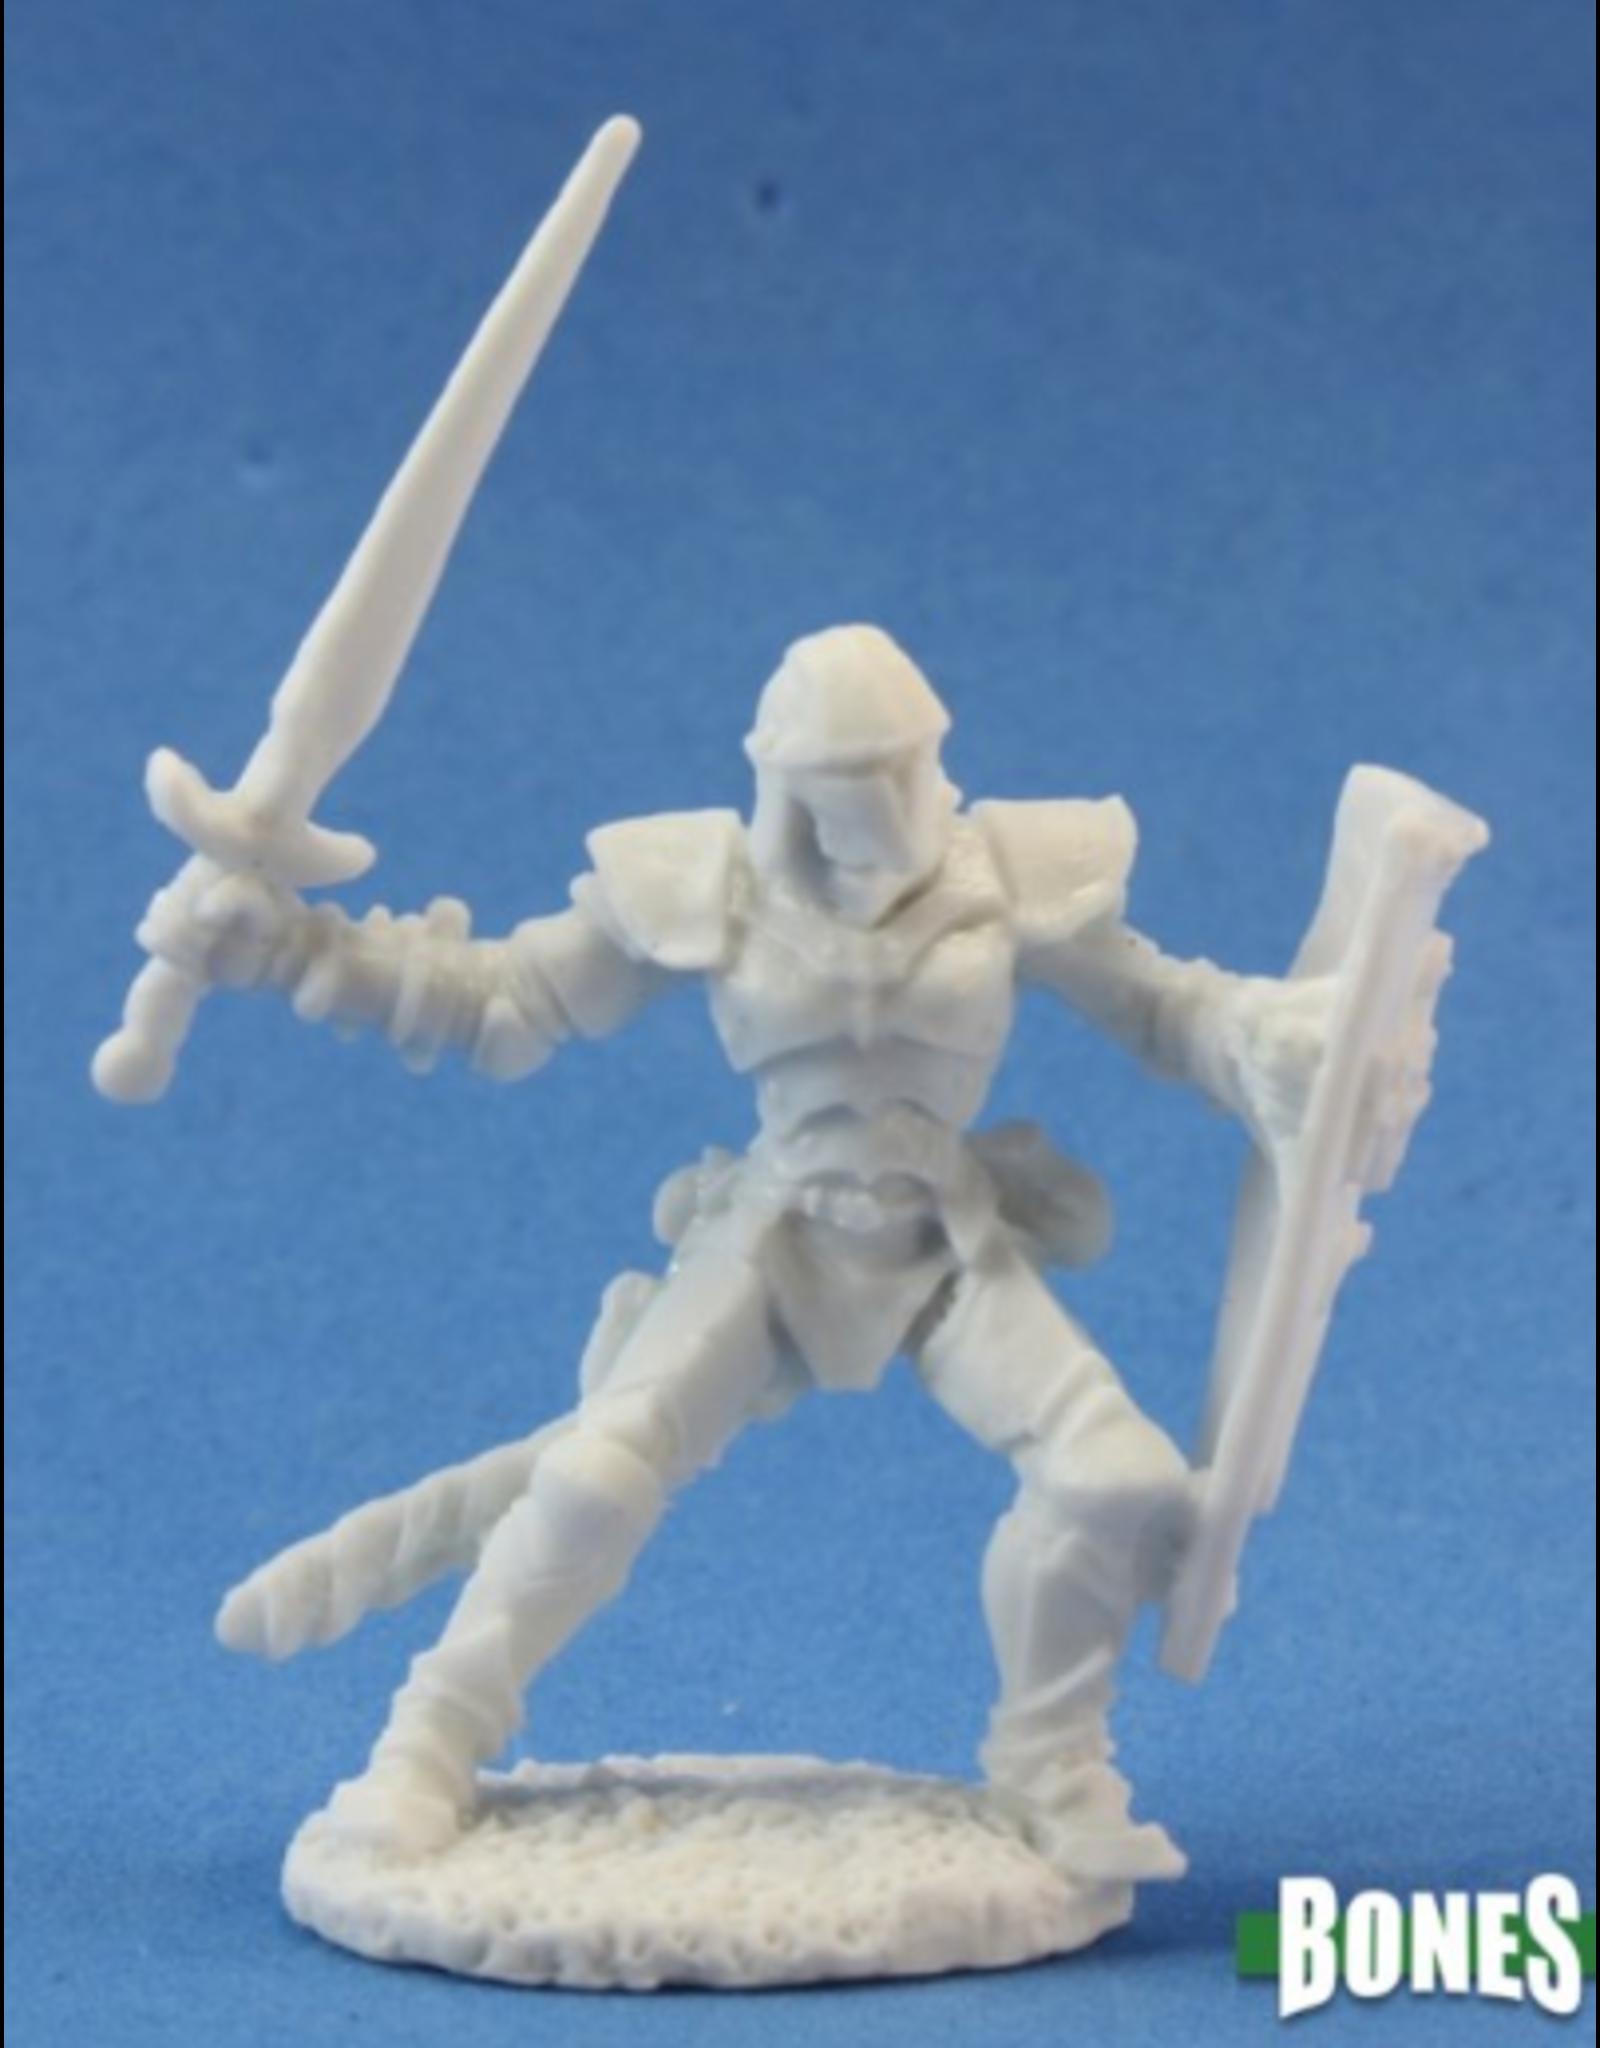 Reaper Dark Heaven Bones: Barnabas, Human Warrior